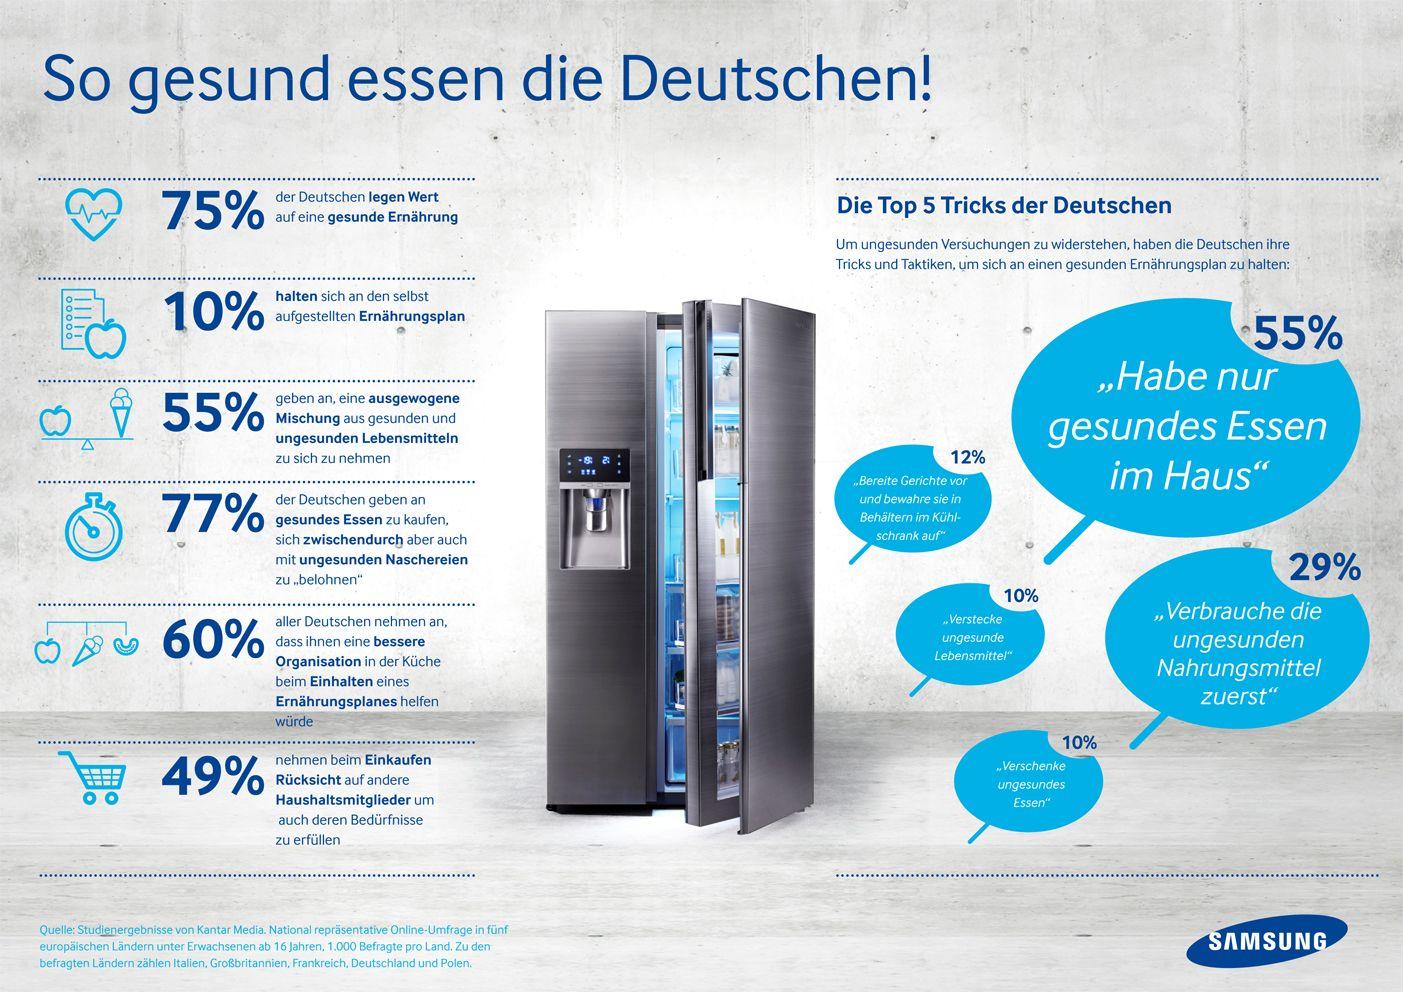 Drogenstatistik für Deutschland | Drogen-Aufklärung.de | Teenager ...